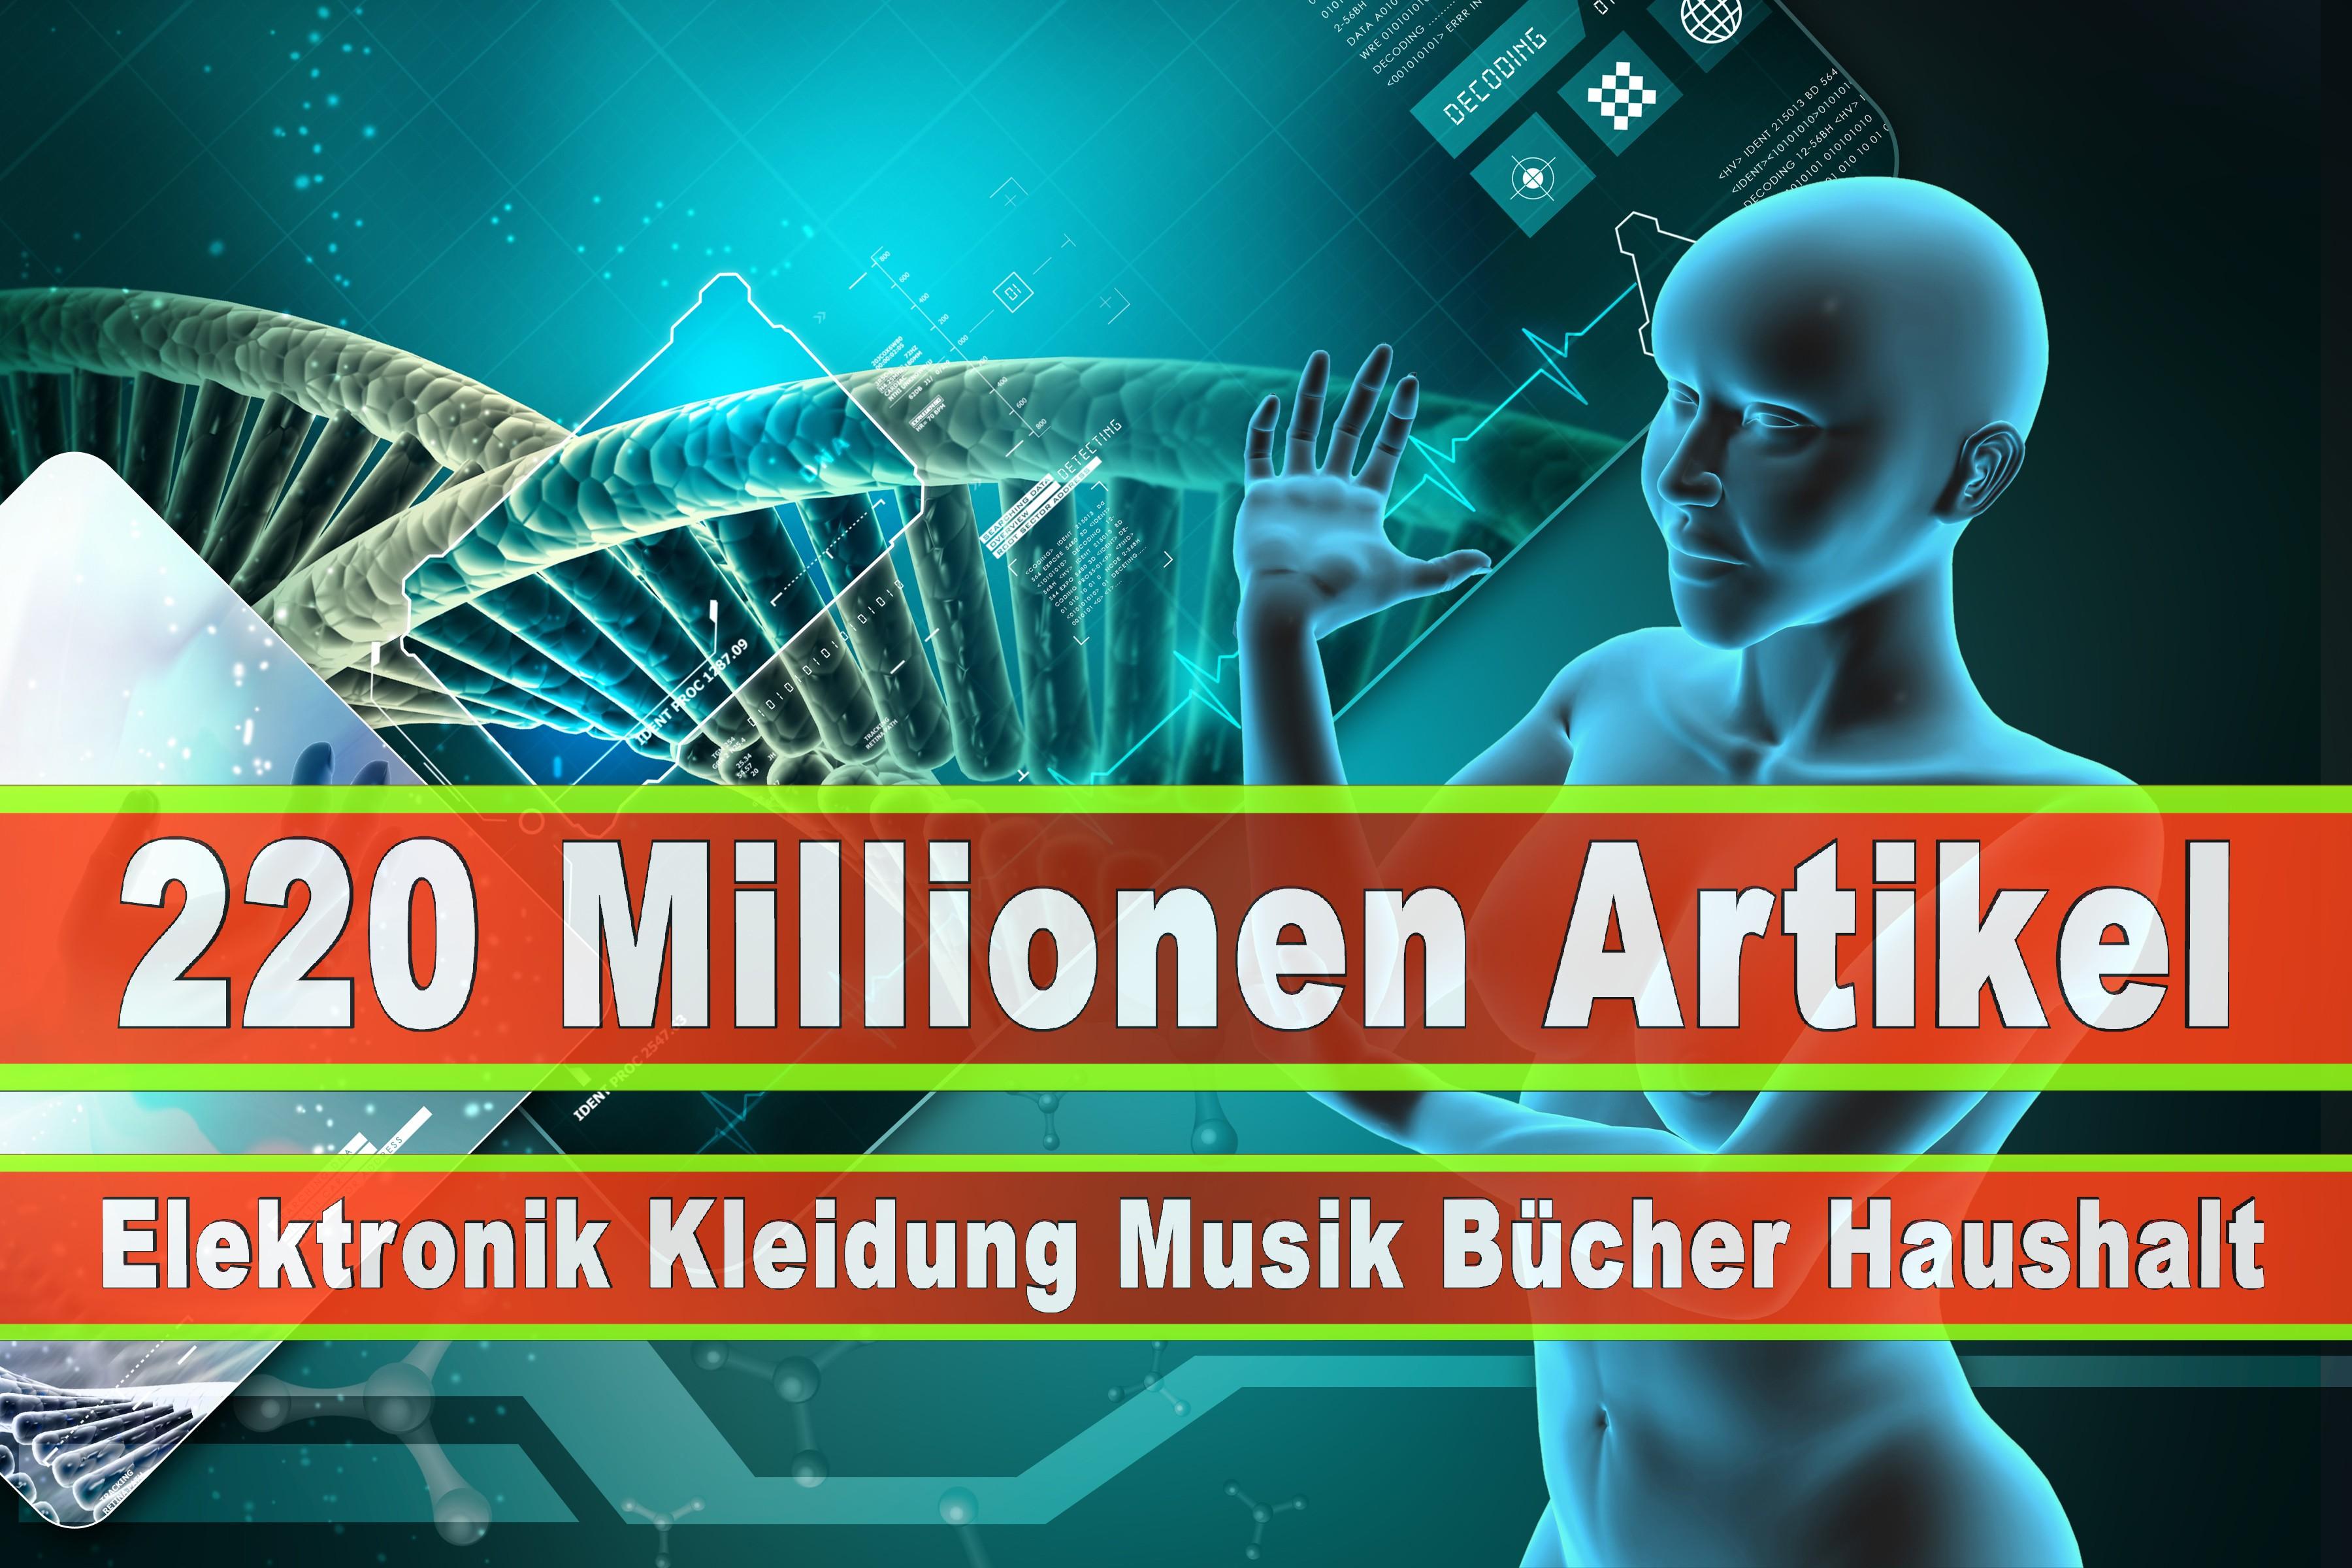 Amazon Elektronik Musik Haushalt Bücher CD DVD Handys Smartphones TV Television Fernseher Kleidung Mode Ebay (37)